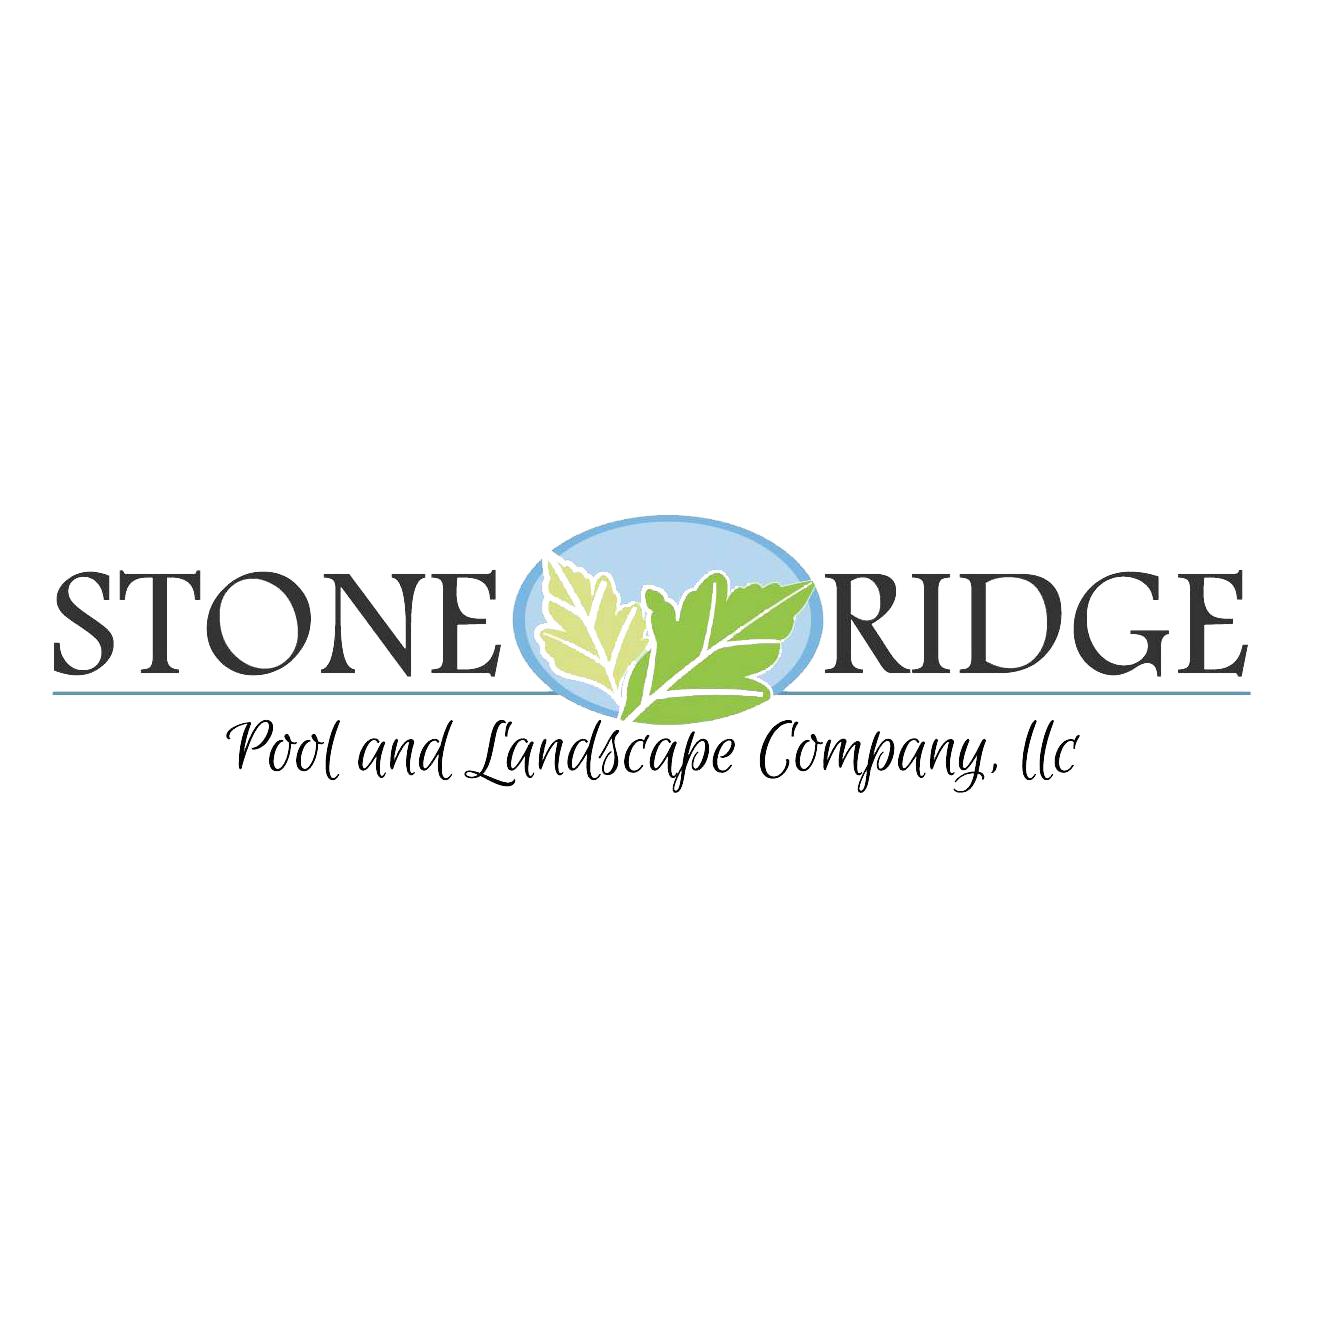 Stone Ridge Pool and Landscape, Co. LLC image 4